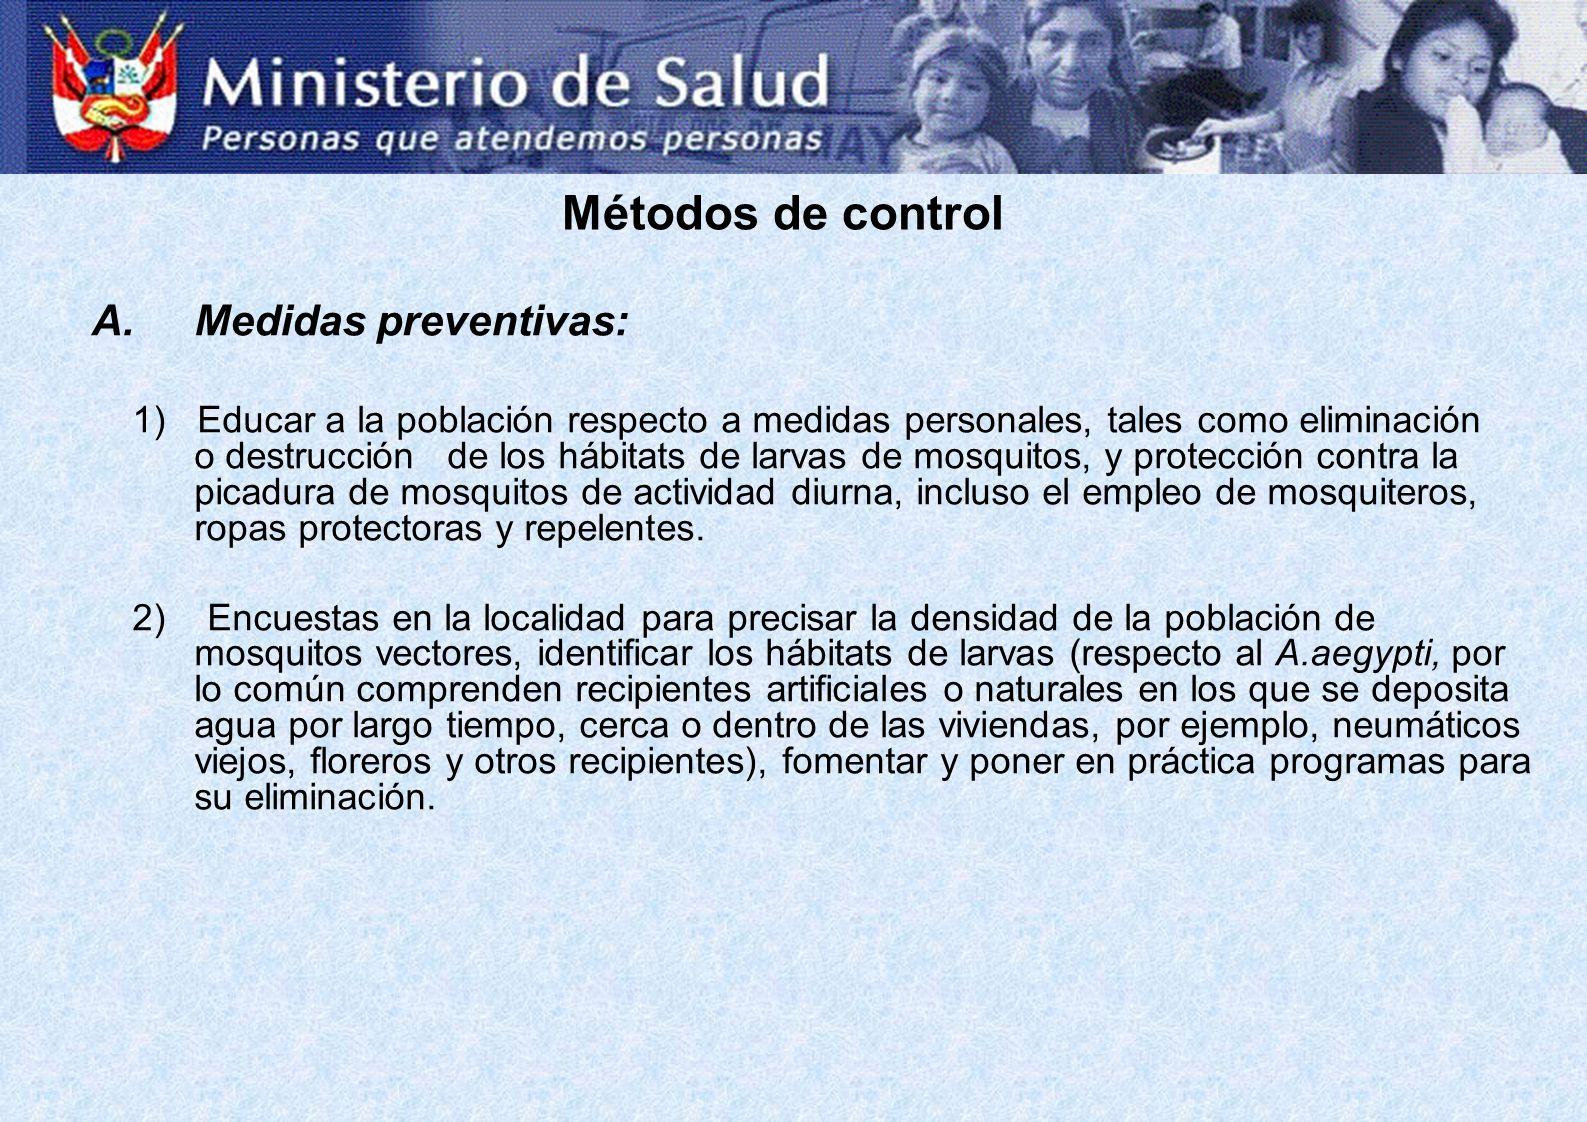 Métodos de control A.Medidas preventivas: 1) Educar a la población respecto a medidas personales, tales como eliminación o destrucción de los hábitats